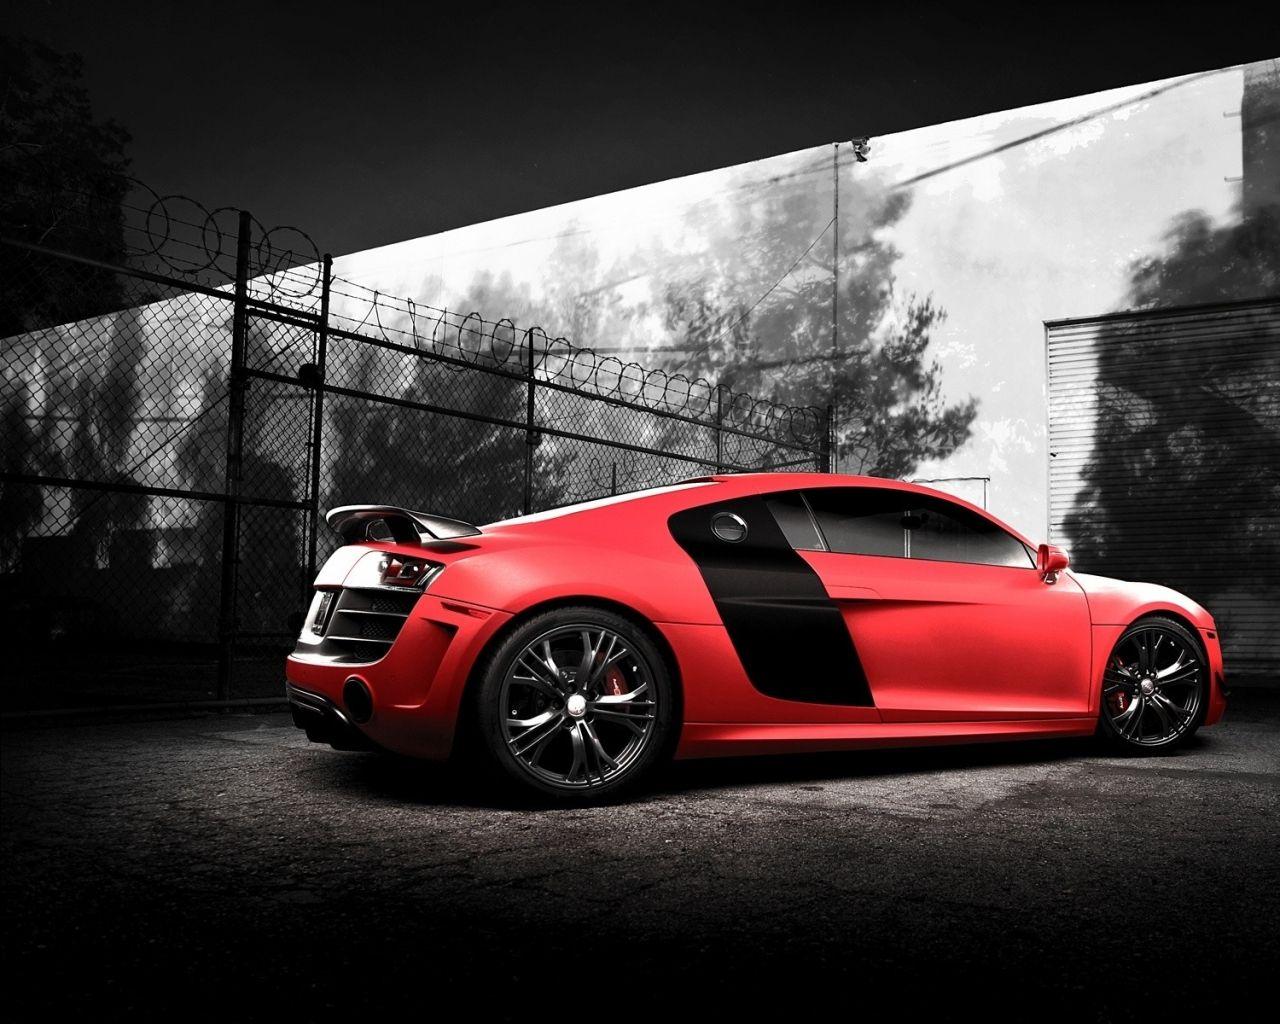 Audi R8 Black Red Carflash Audi R8 Wallpaper Red Audi Audi R8 Gt